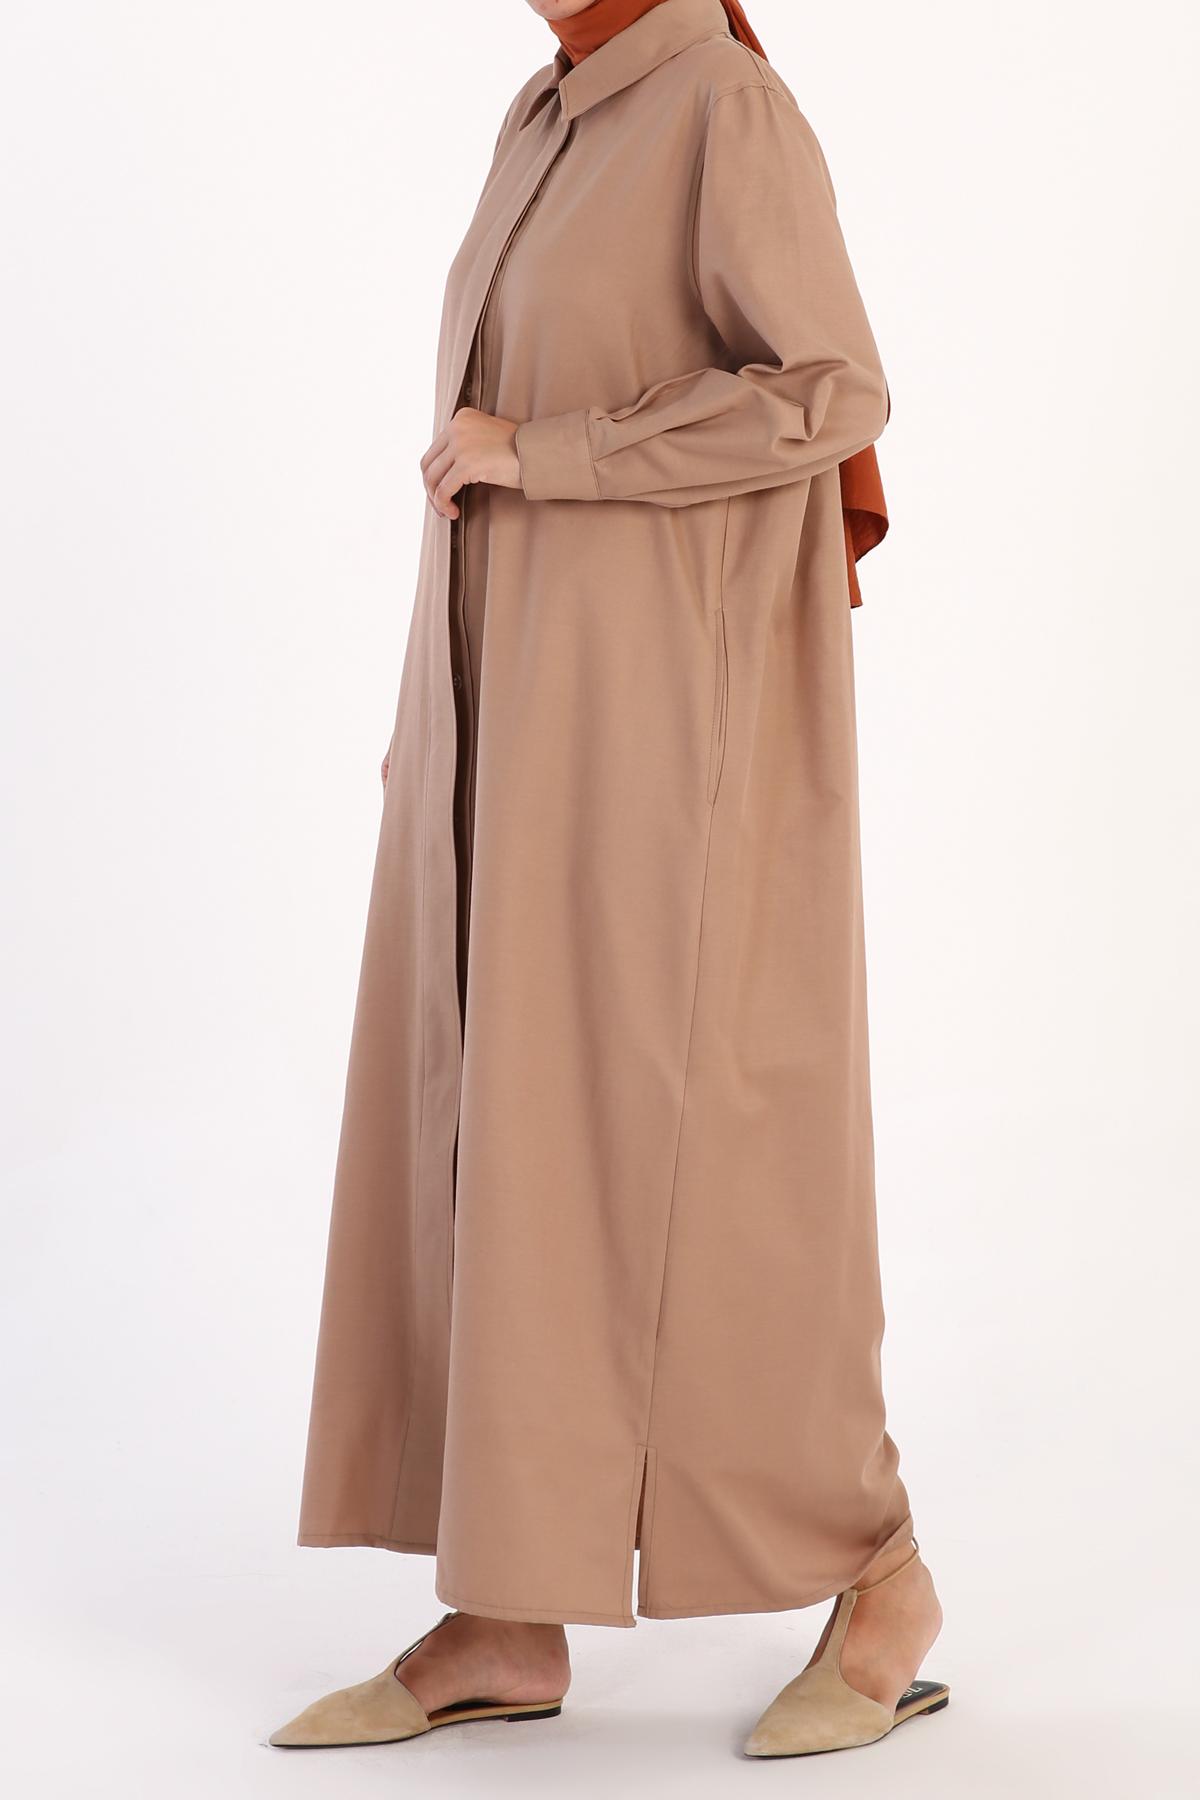 Shirt Collar Abaya With Pockets